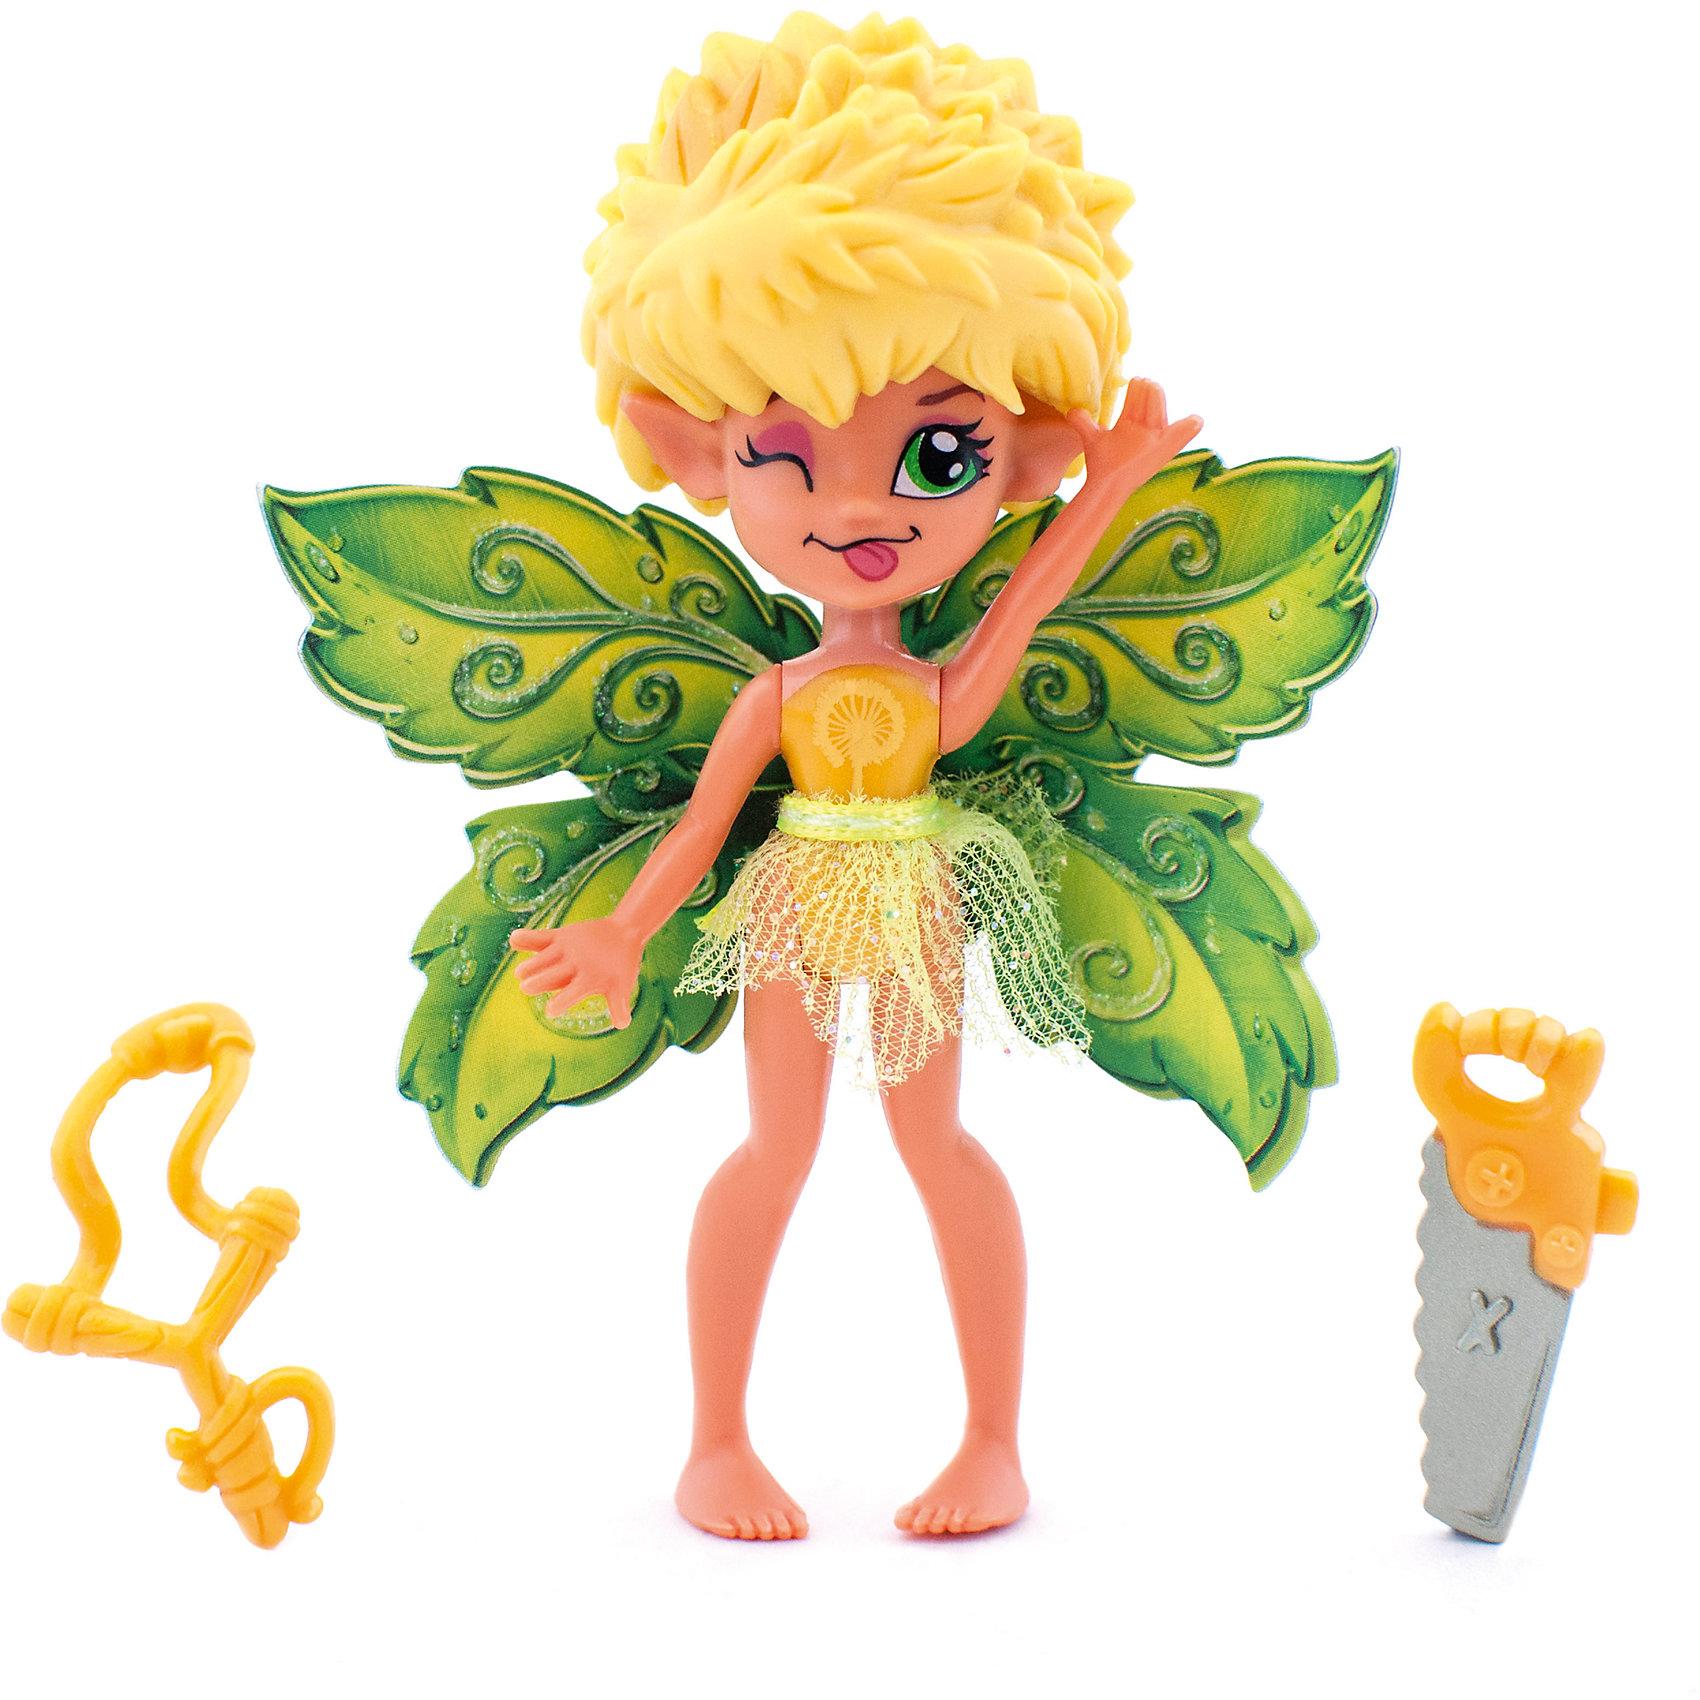 Фея Летнего Сада Данди, LanardМини-куклы<br>Милая Фея- девочка c характерной внешностью, ярко декорированными крыльями, в прозрачной юбочке. Голова, ручки и ножки двигаются. В наборе тематические аксессуары: рогатка и пила.<br><br>Ширина мм: 127<br>Глубина мм: 381<br>Высота мм: 190<br>Вес г: 69<br>Возраст от месяцев: 36<br>Возраст до месяцев: 2147483647<br>Пол: Женский<br>Возраст: Детский<br>SKU: 5485116